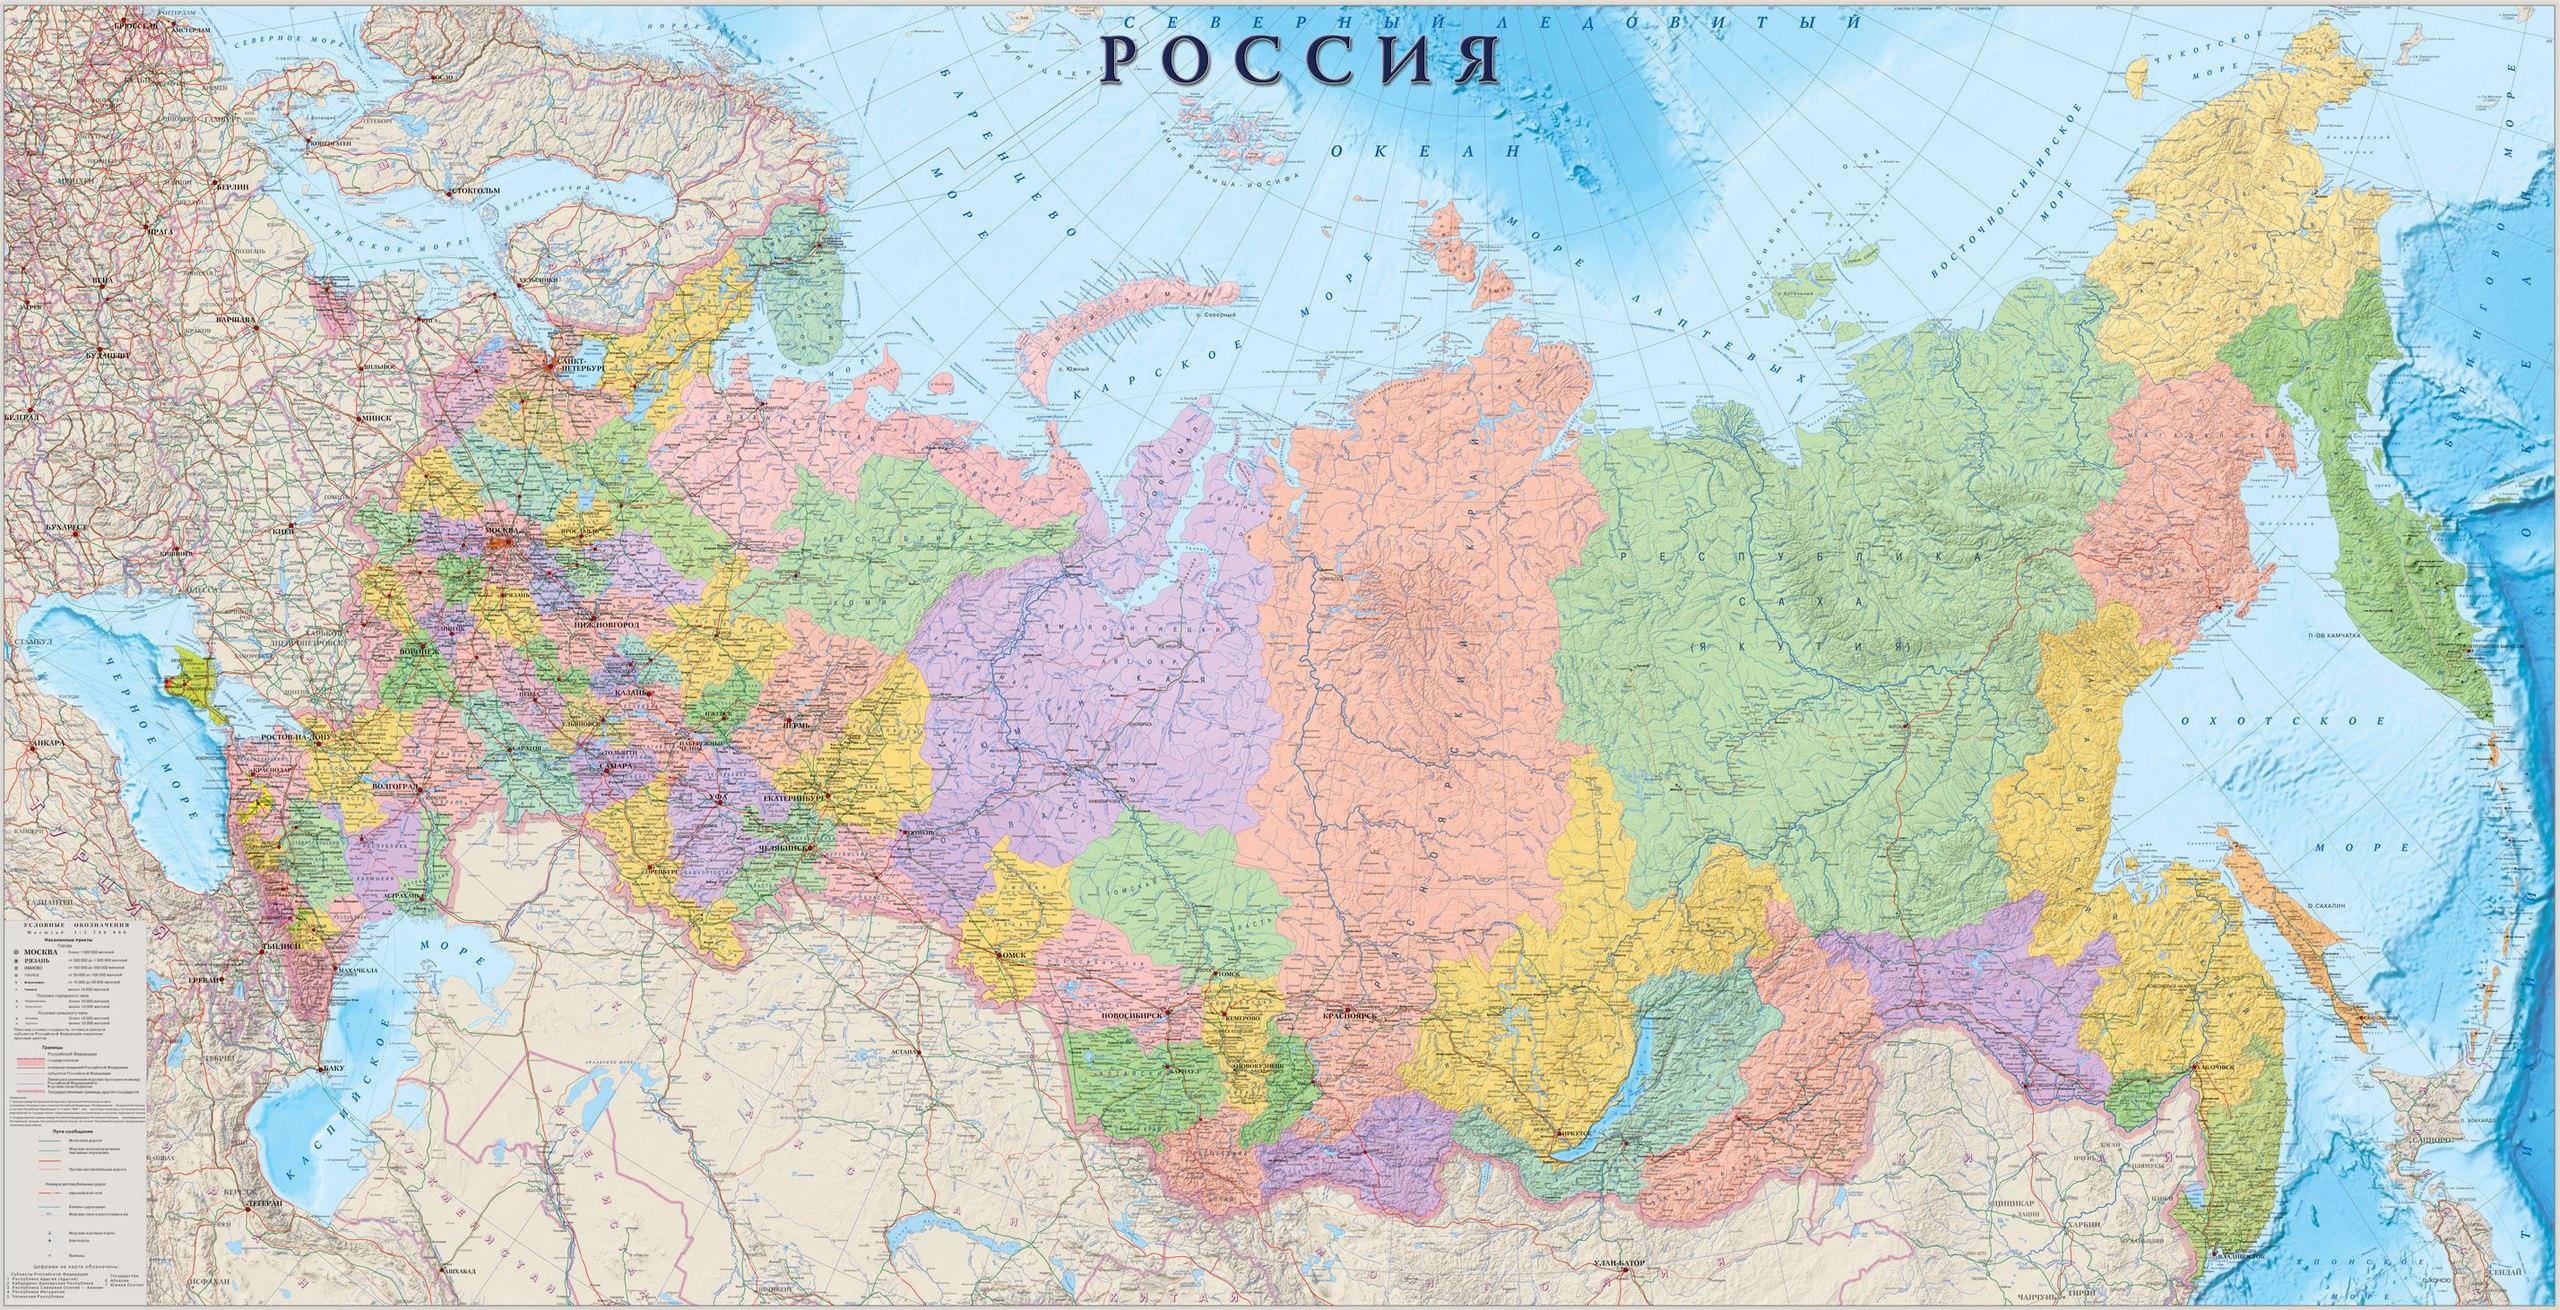 С 15.05.2017 г. я начинаю работать по другим регионам РФ